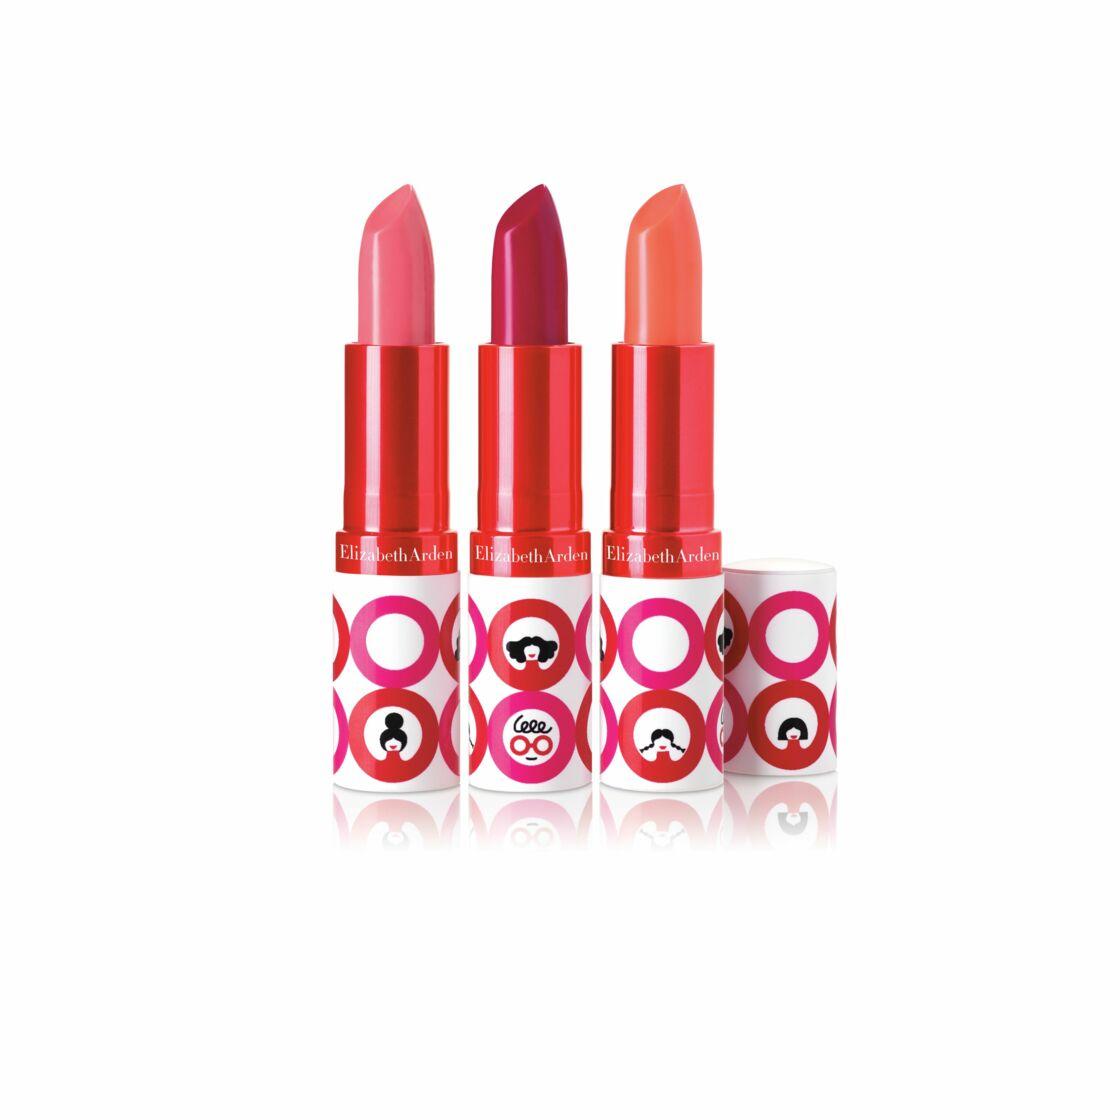 Les nouveaux baumes protecteurs pour les lèvres sont translucides et teintés.